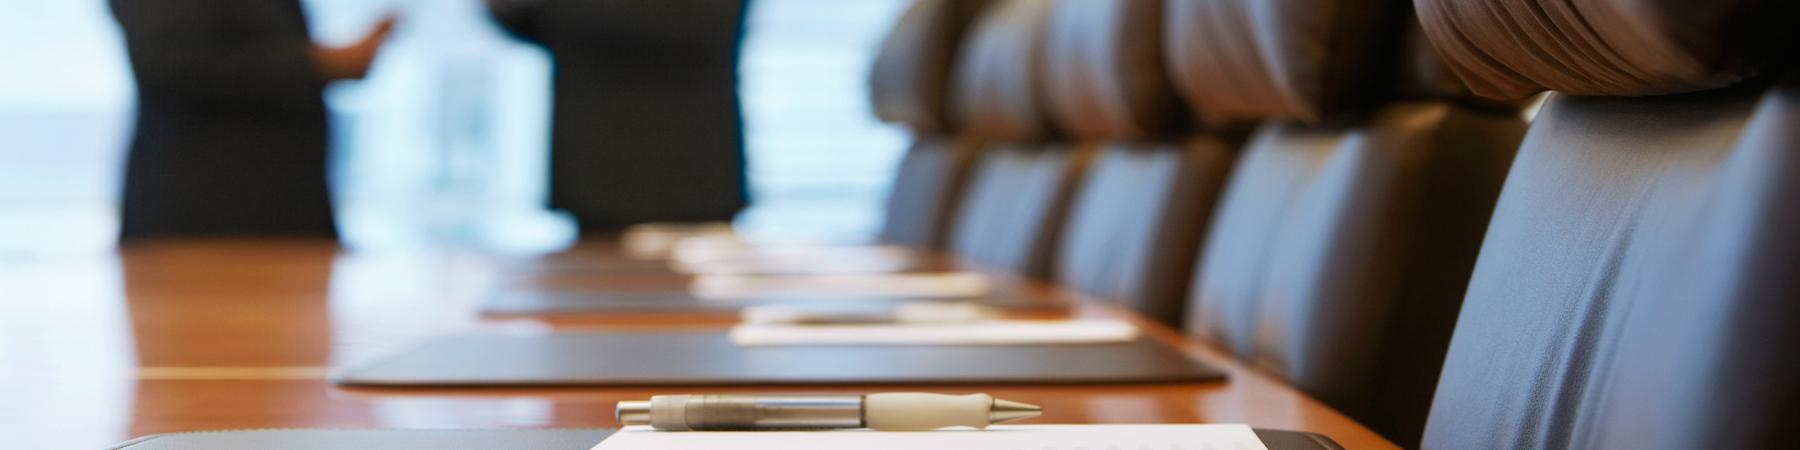 Law Firms Litigation Slider